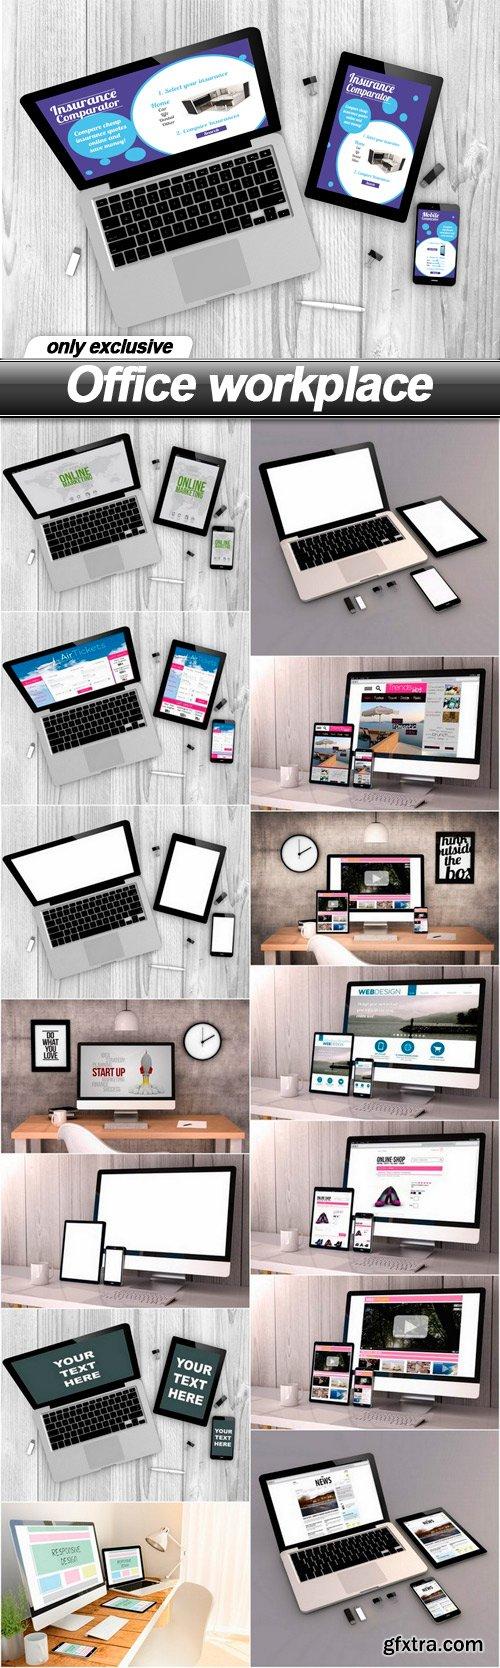 Office workplace - 15 UHQ JPEG